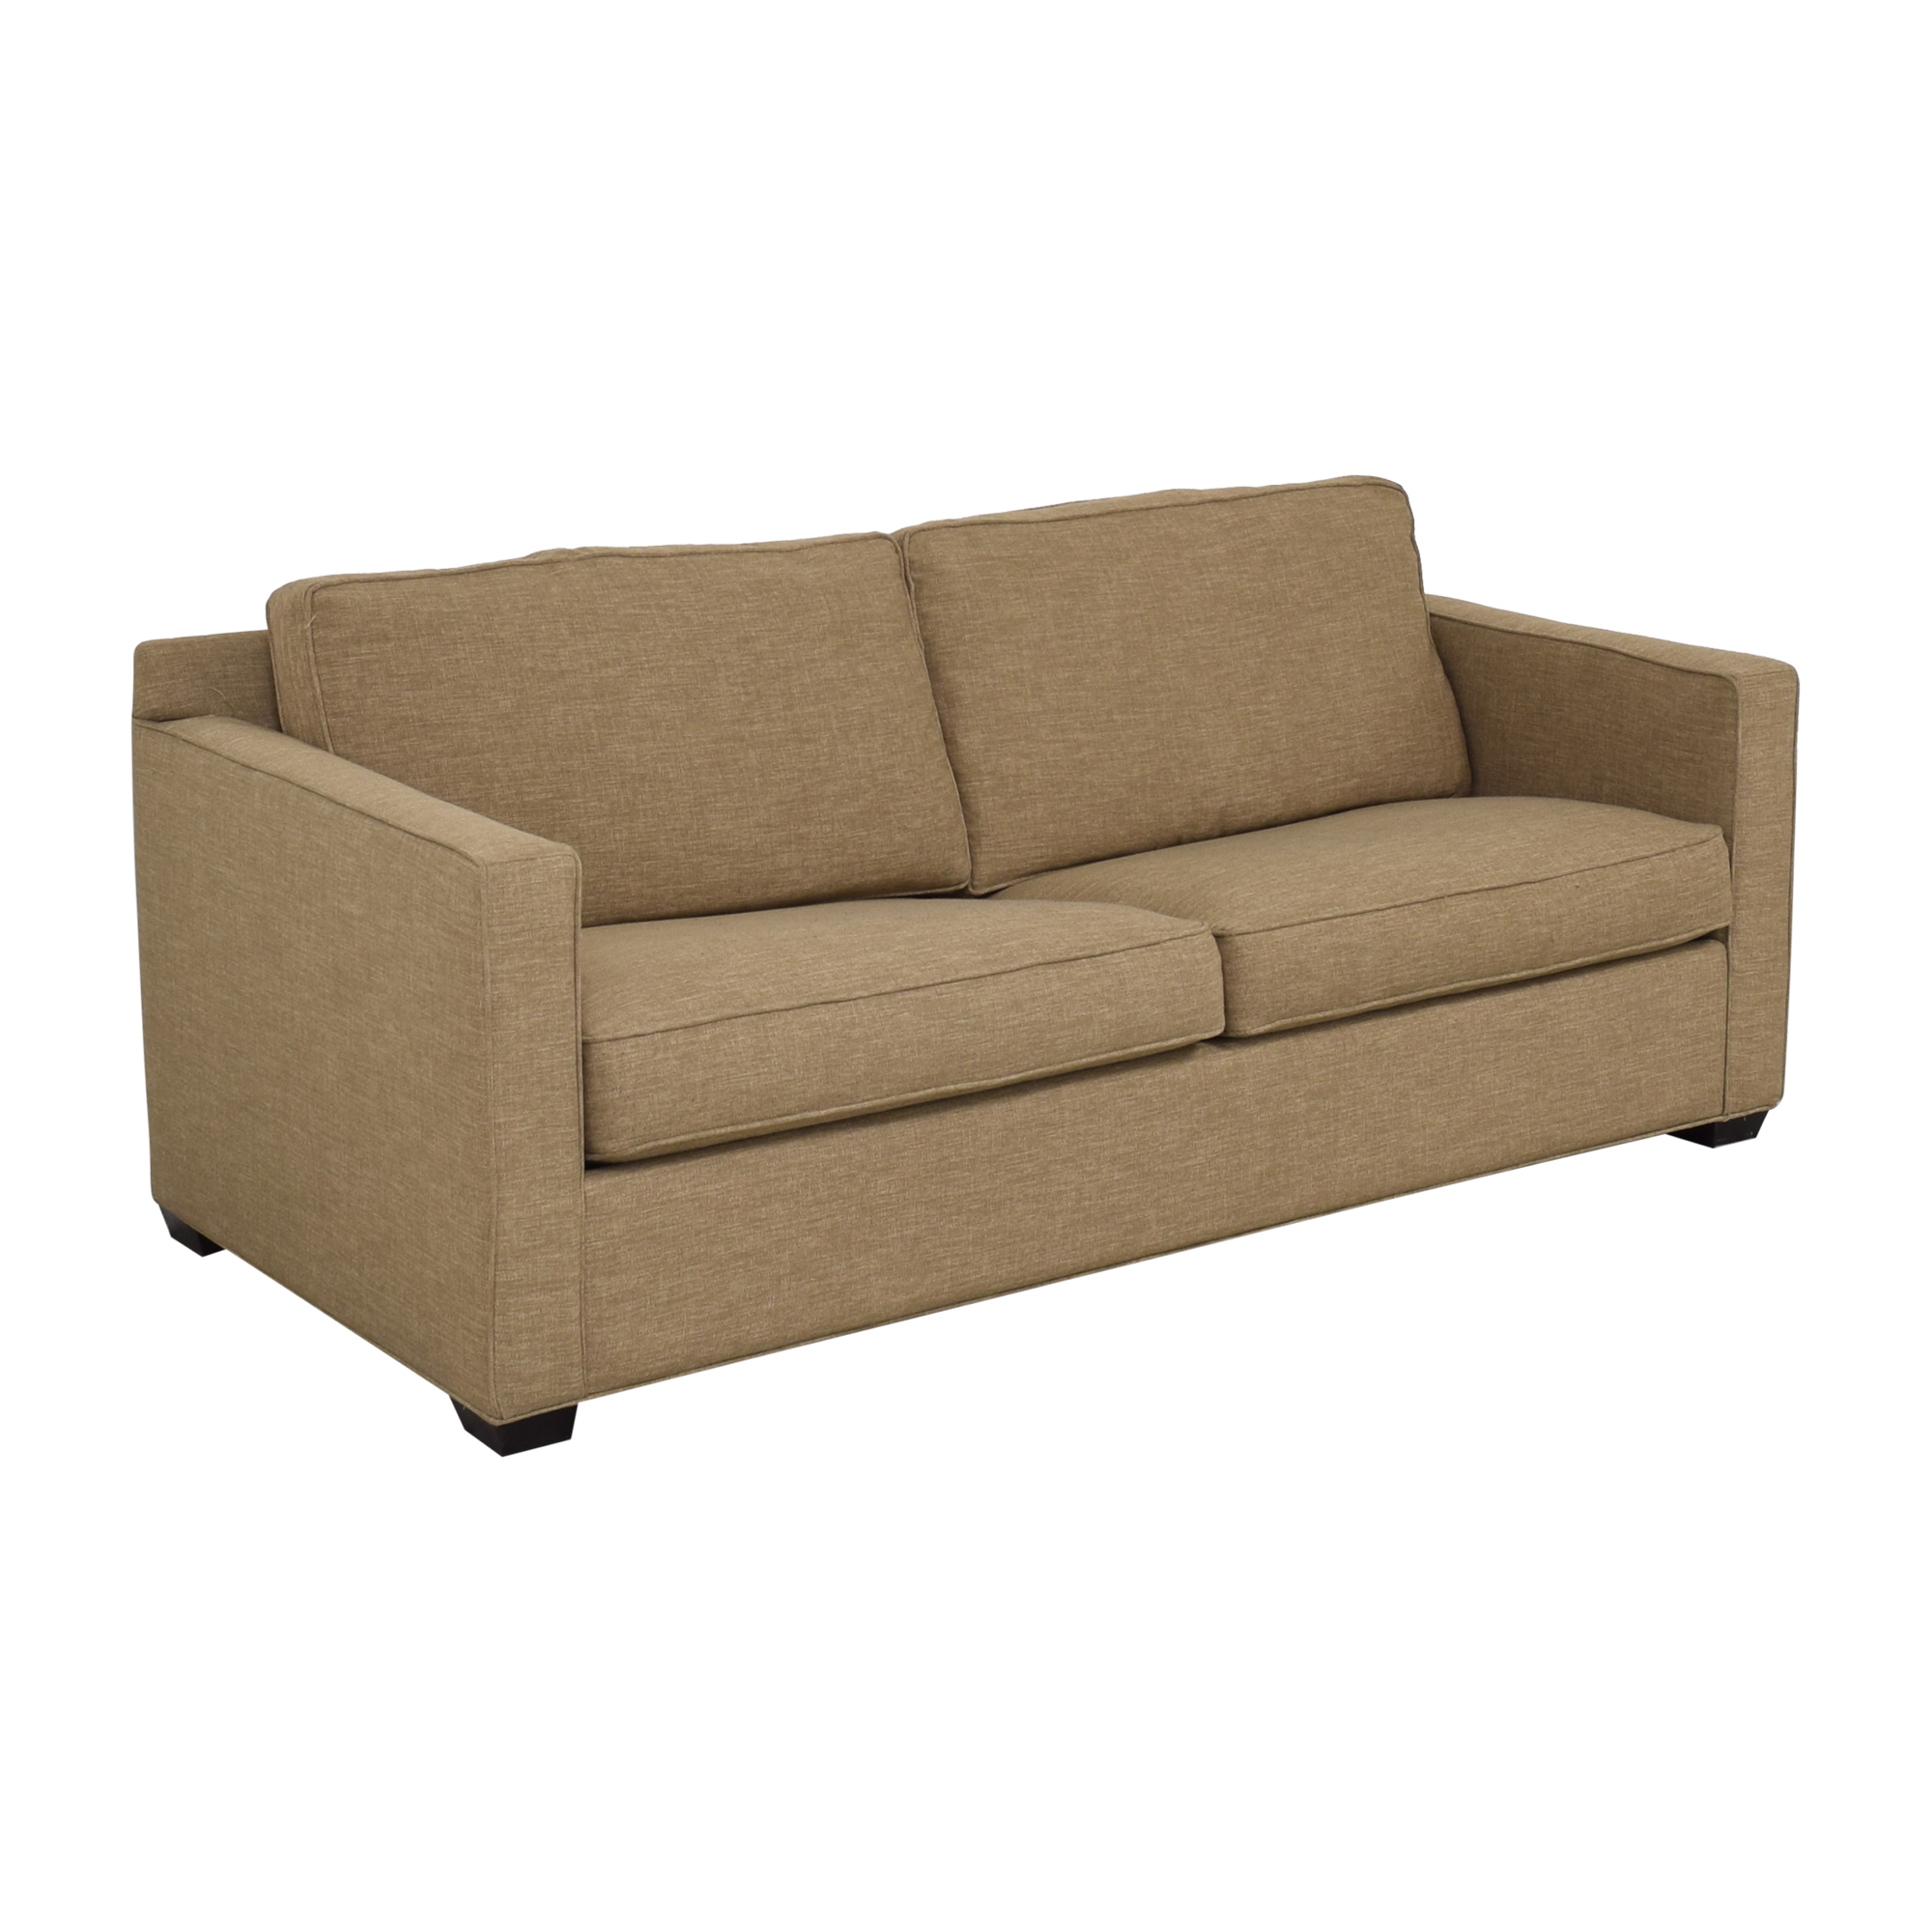 shop Crate & Barrel Crate & Barrel Axis II 2-Seat Queen Sleeper Sofa online